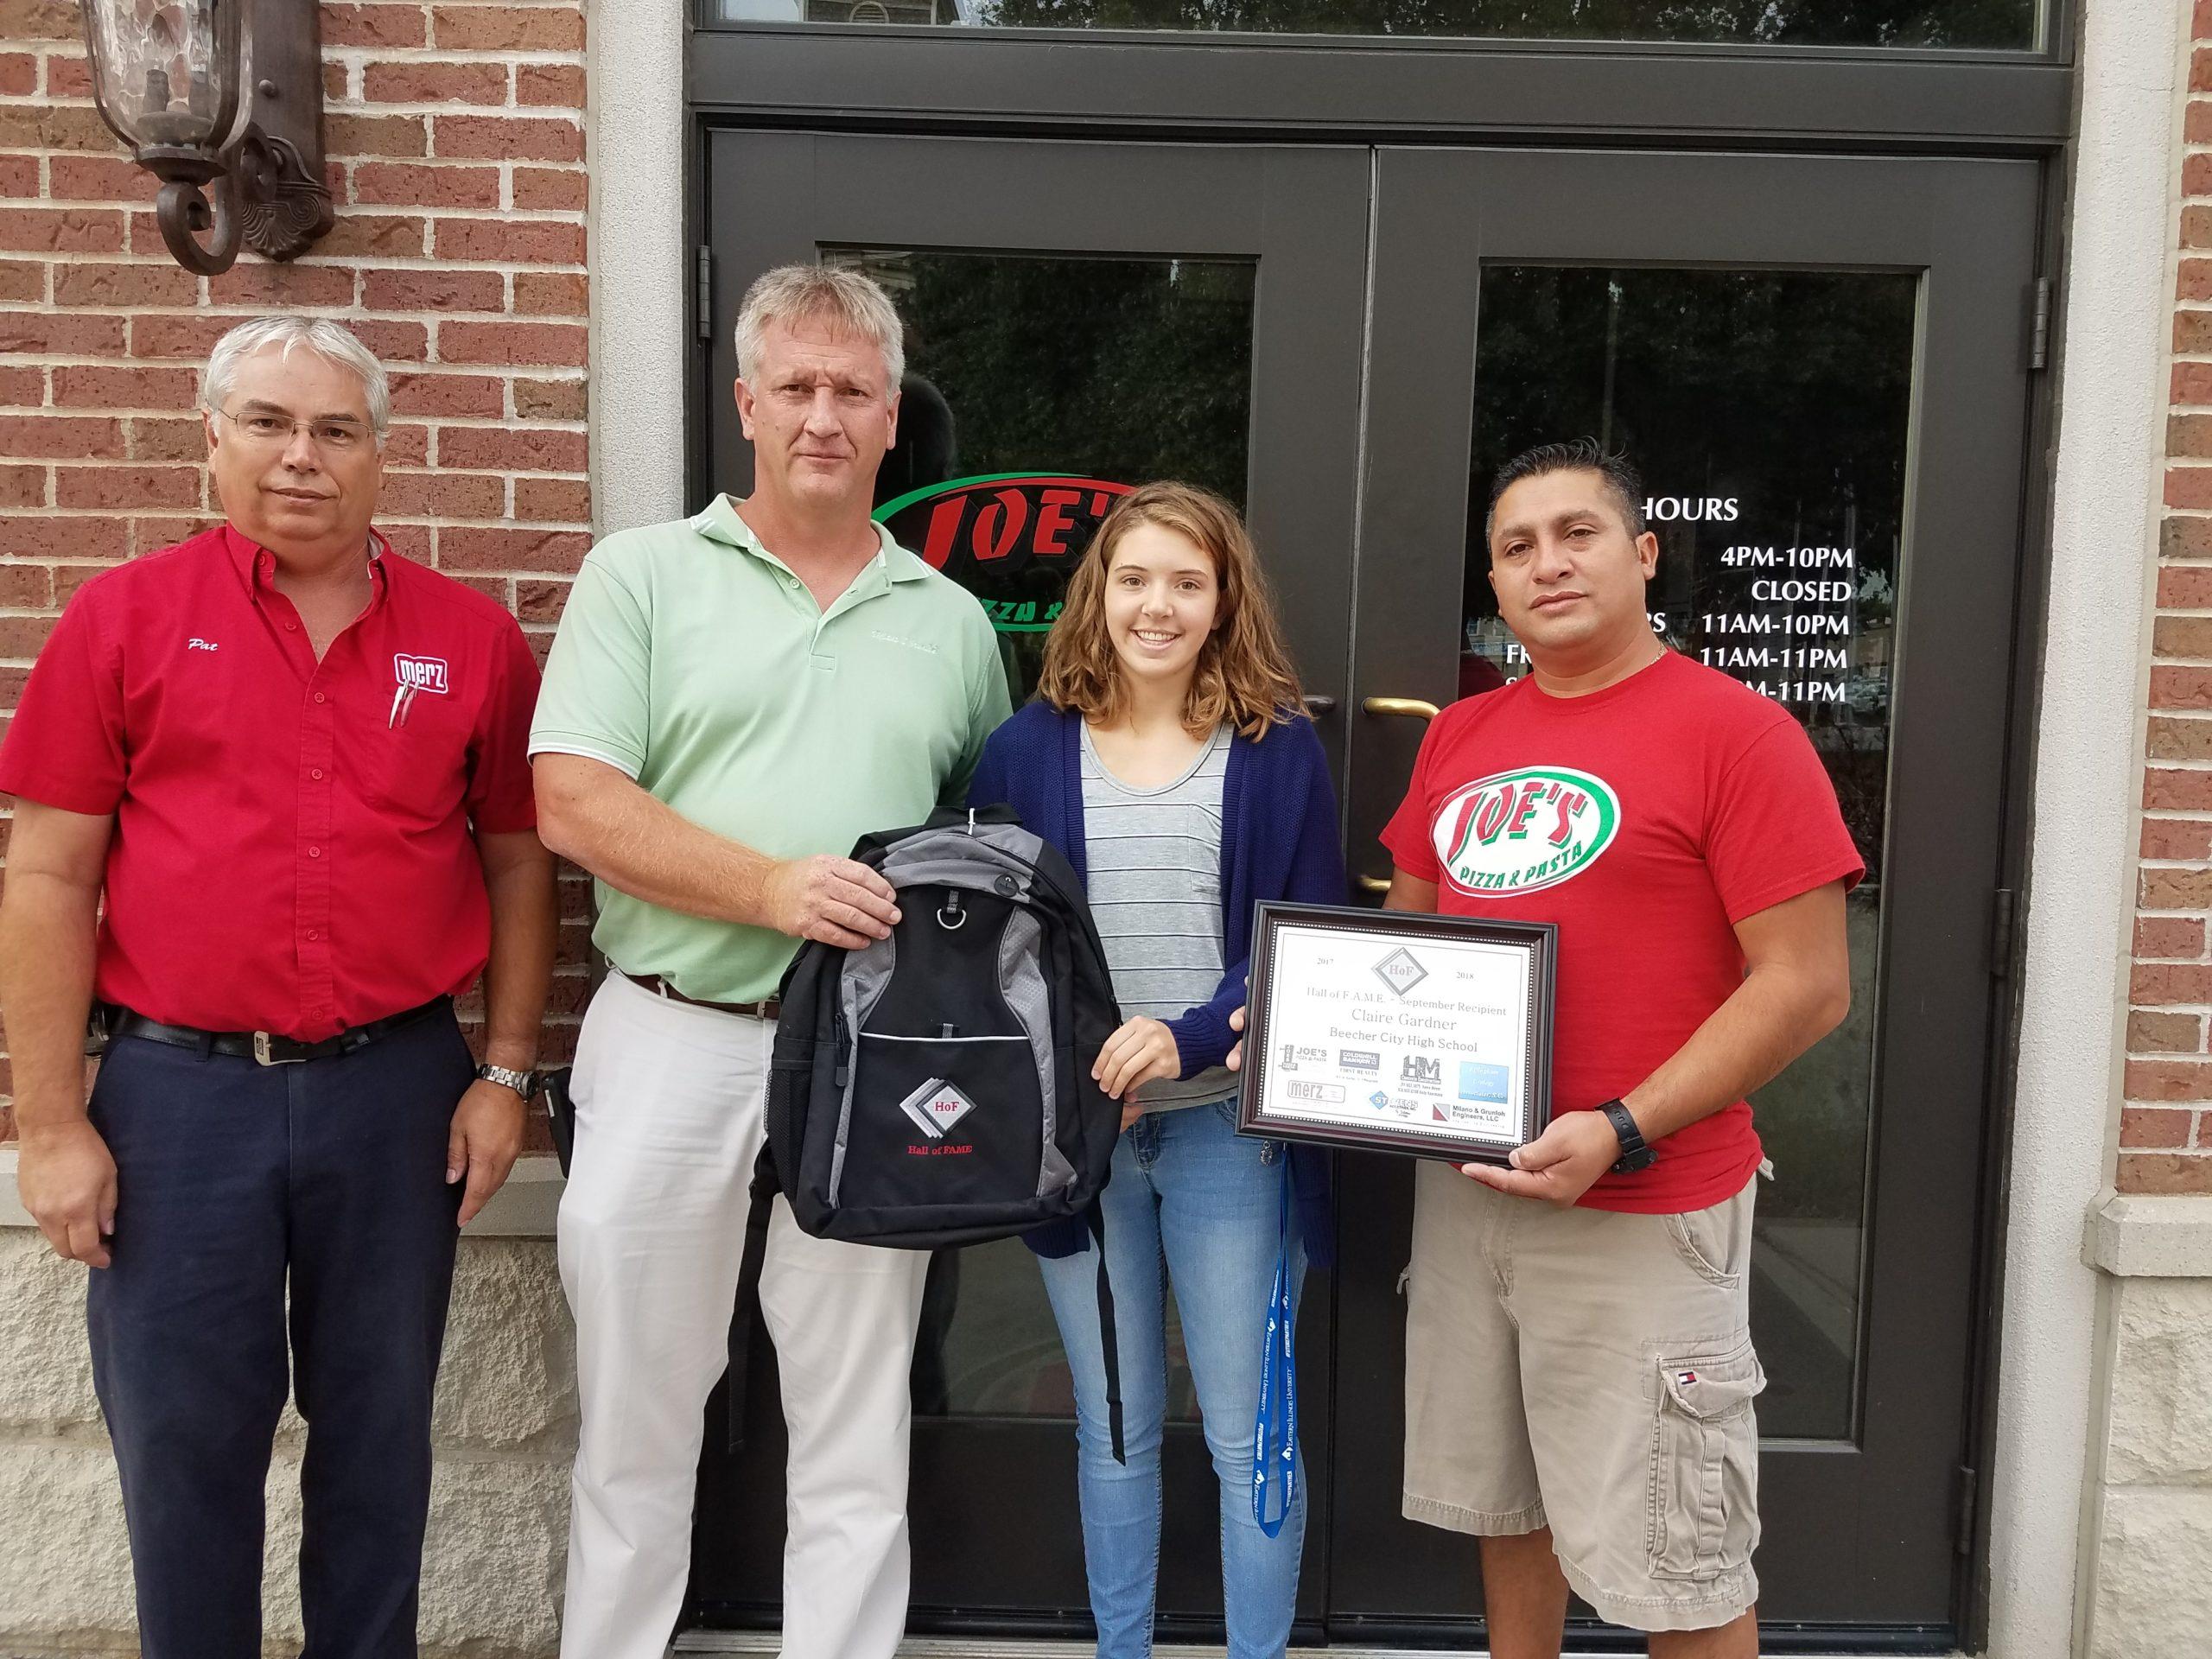 Beecher City High School Student Awarded September Hall of FAME Award